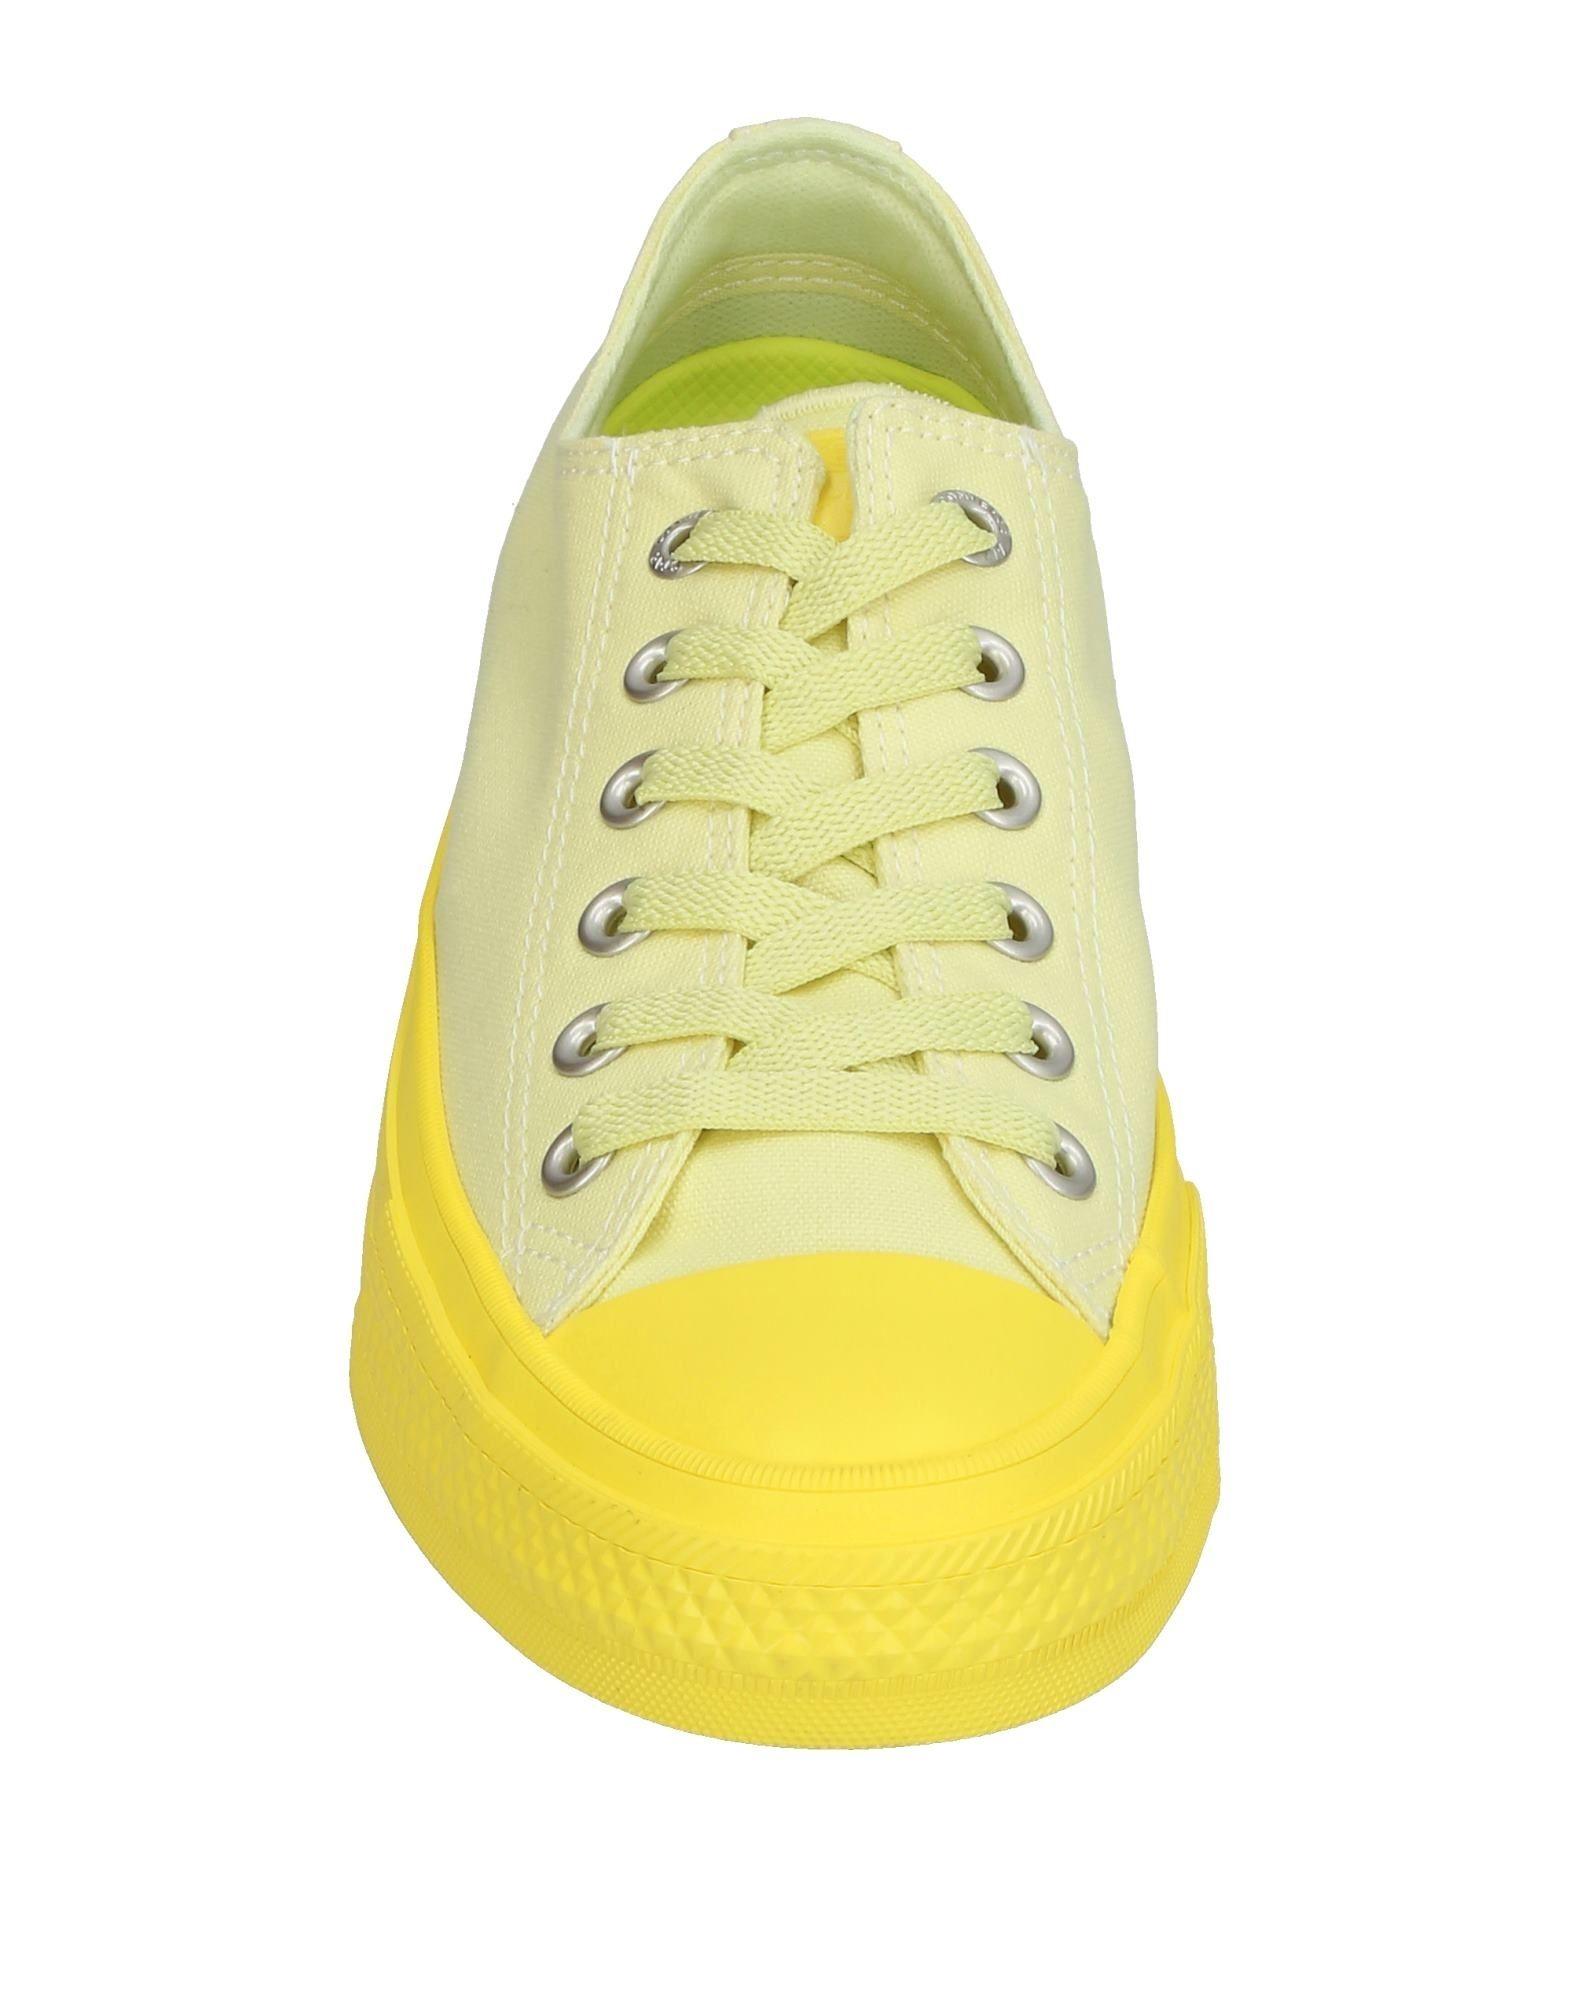 Converse All Star Sneakers Damen  Schuhe 11401588WW Gute Qualität beliebte Schuhe  6de9e1